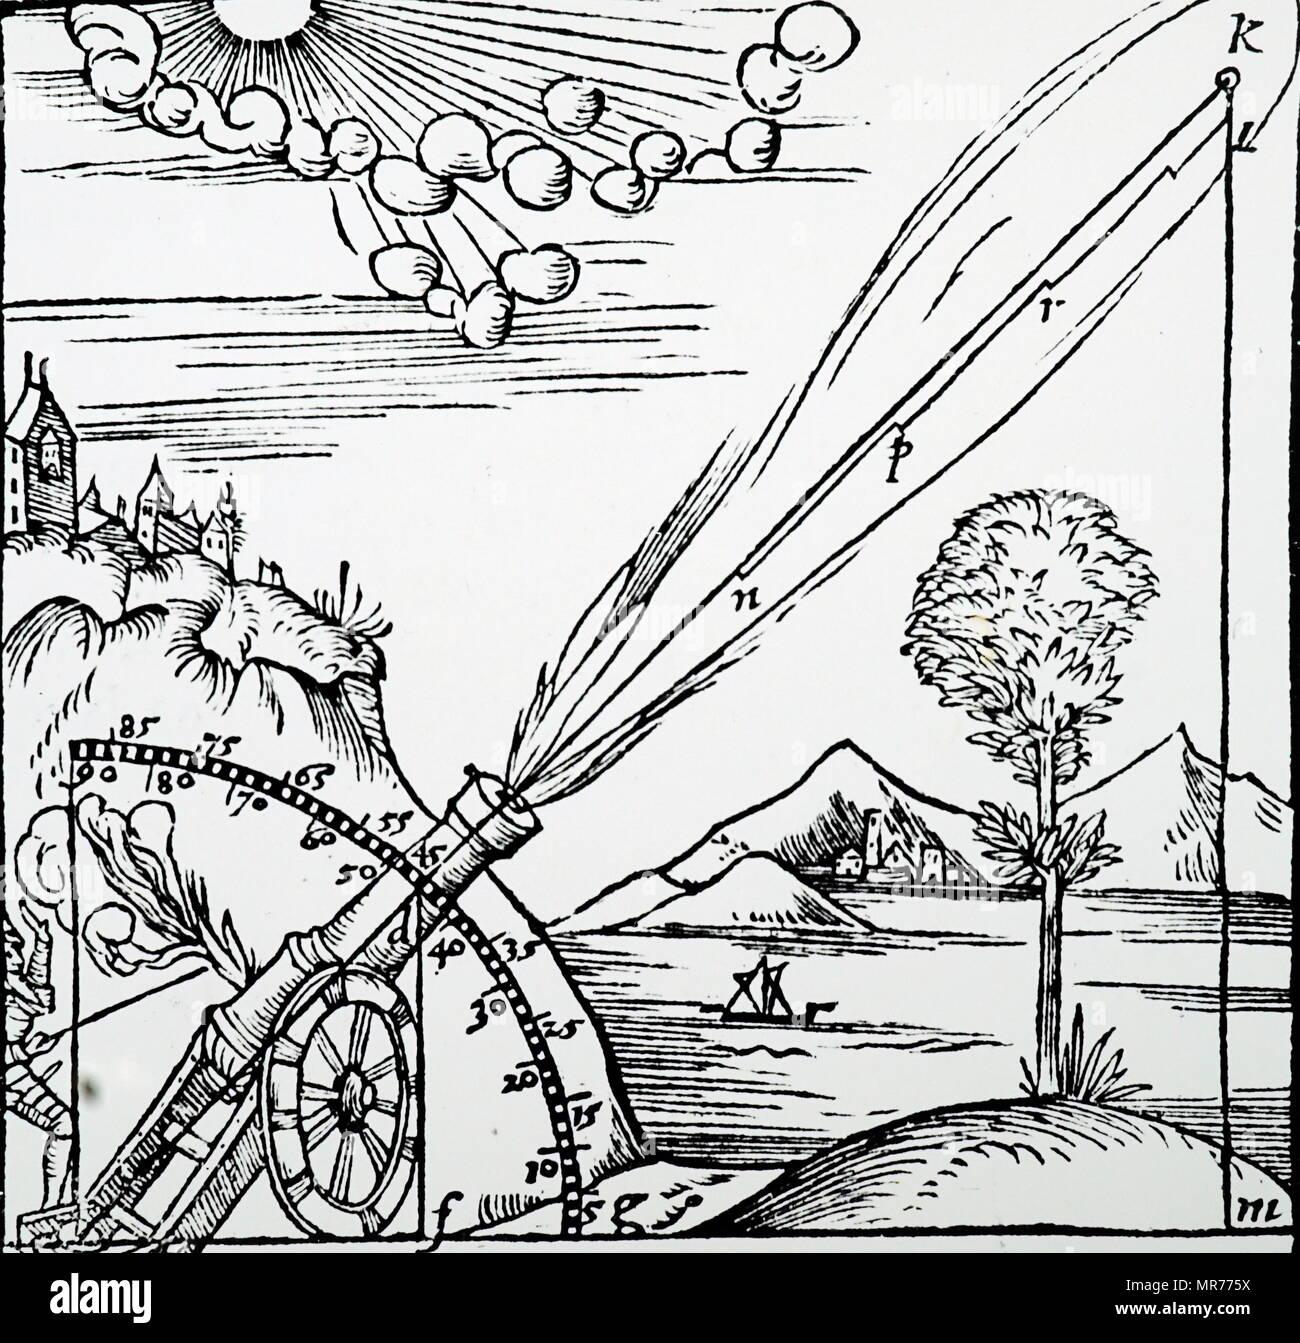 Darstellung der aristotelischen Konzept der Pfad eines Projektils. Aristoteles (384 v. Chr.-322 v. Chr.), eine antike griechische Philosophen und Wissenschaftler. Vom 16. Jahrhundert Stockbild